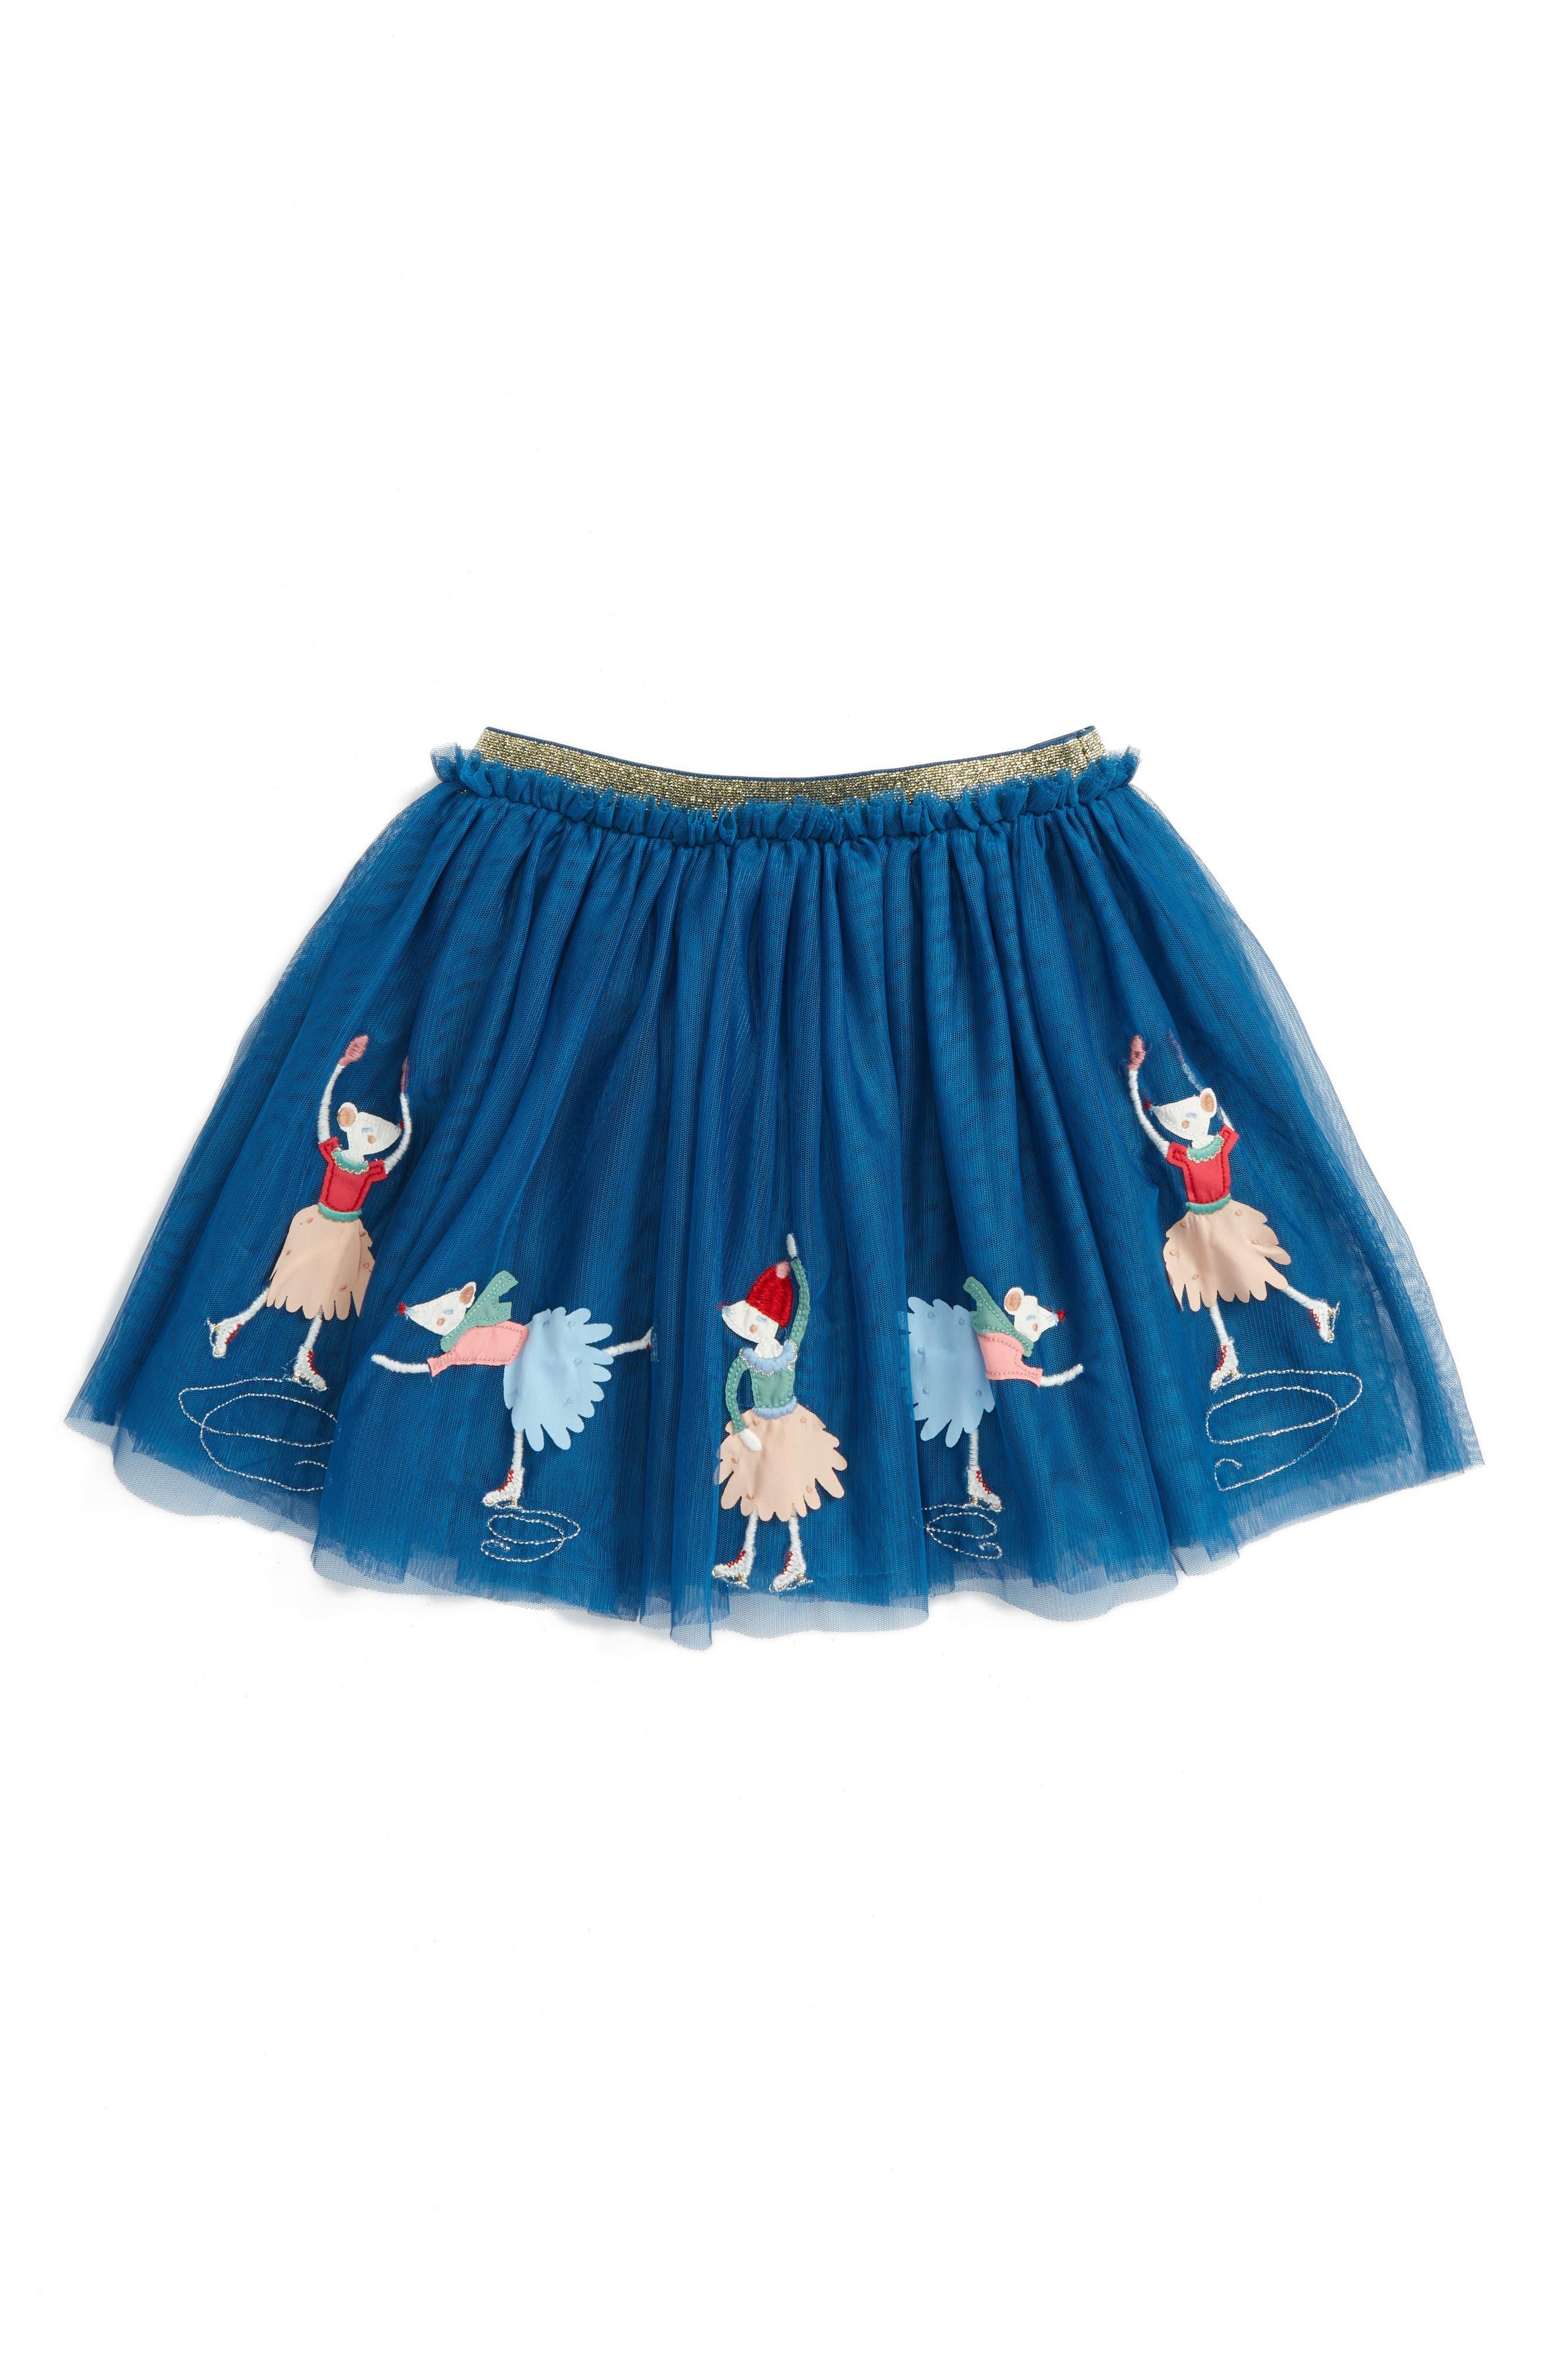 Mini Boden Ballerina Tulle Skirt (Toddler Girls, Little Girls & Big Girls)